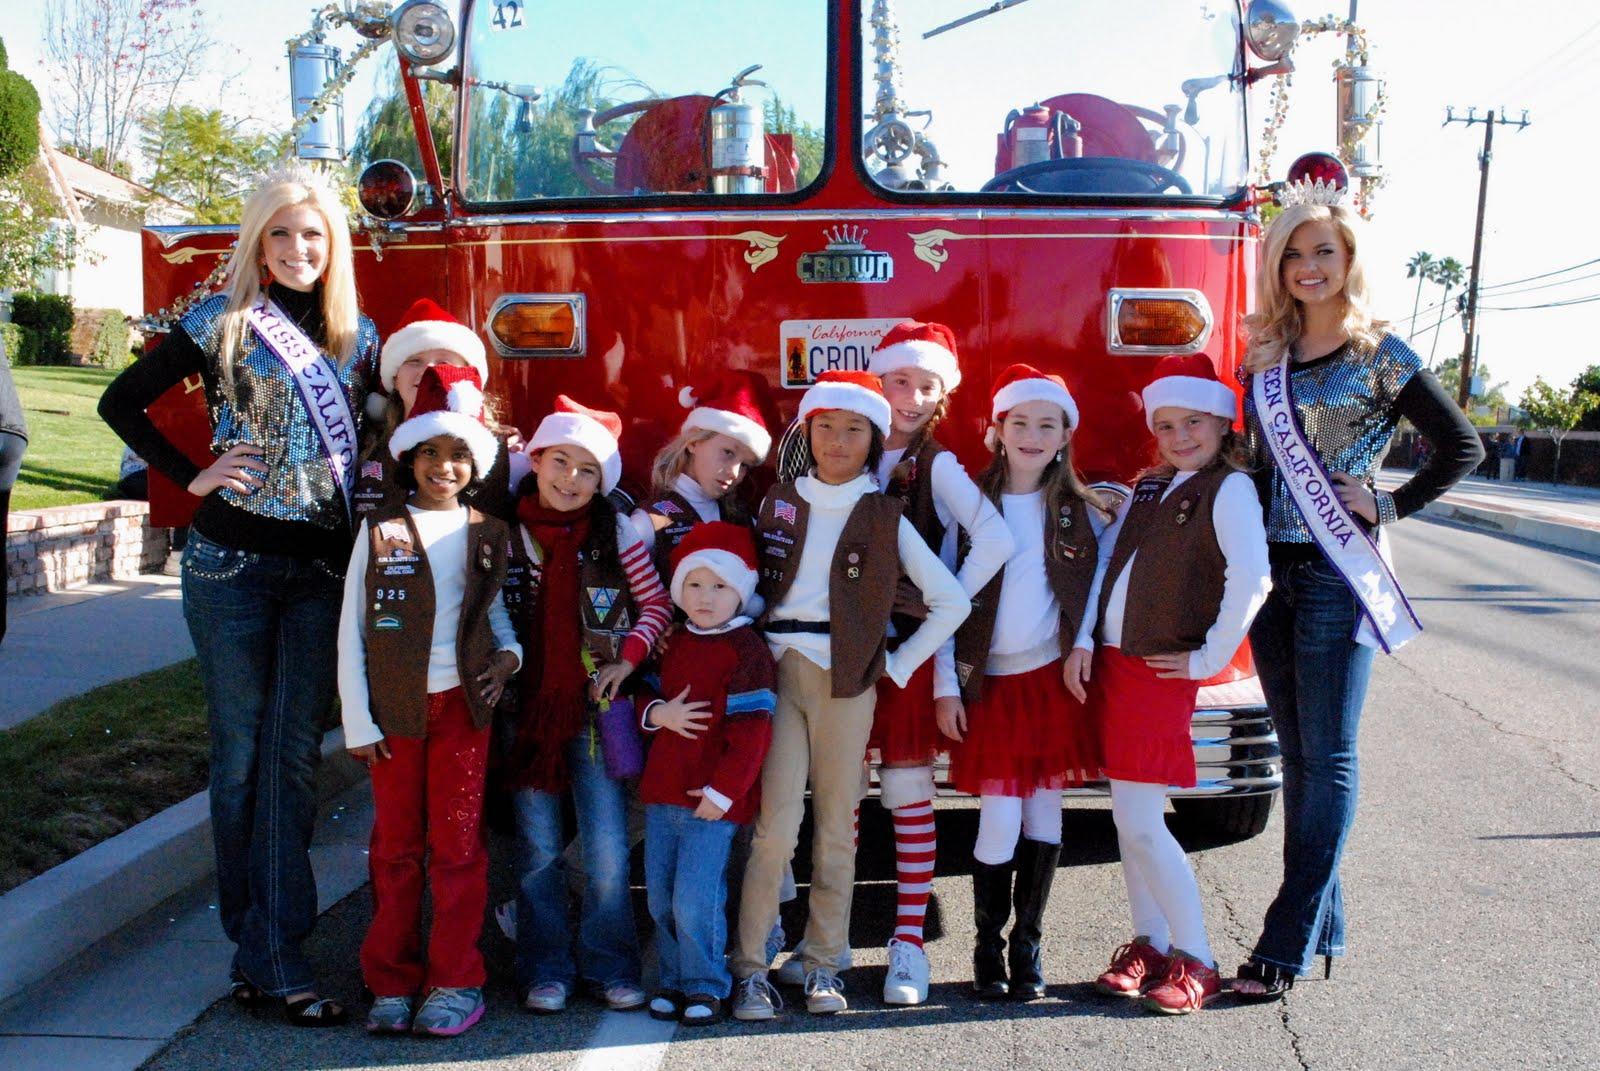 Camarillo Christmas Parade.Upcoming Events Camarillo Christmas Parade La Jaja